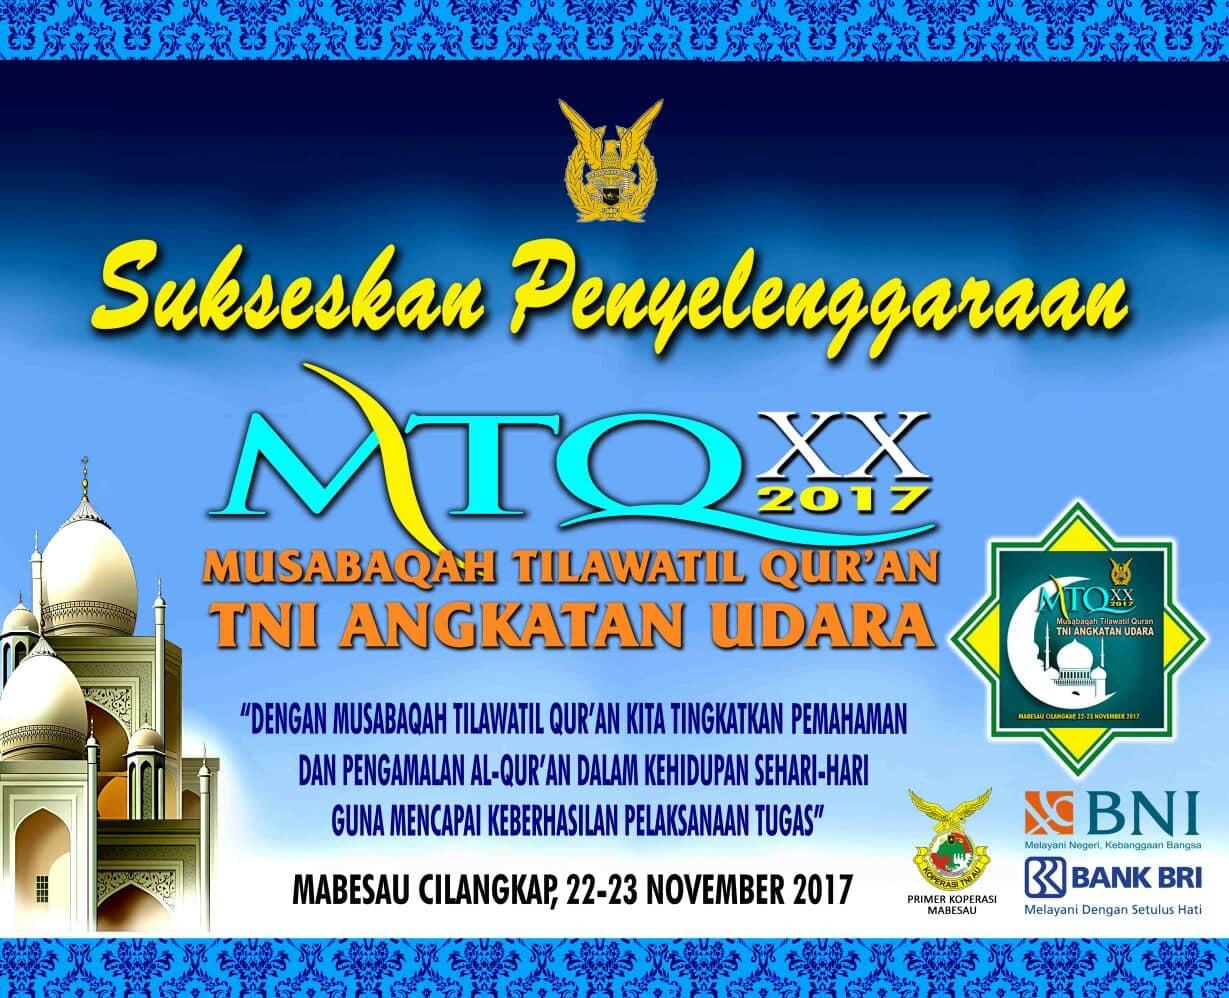 MtQ XX 2017 TNI Angkaran Udara